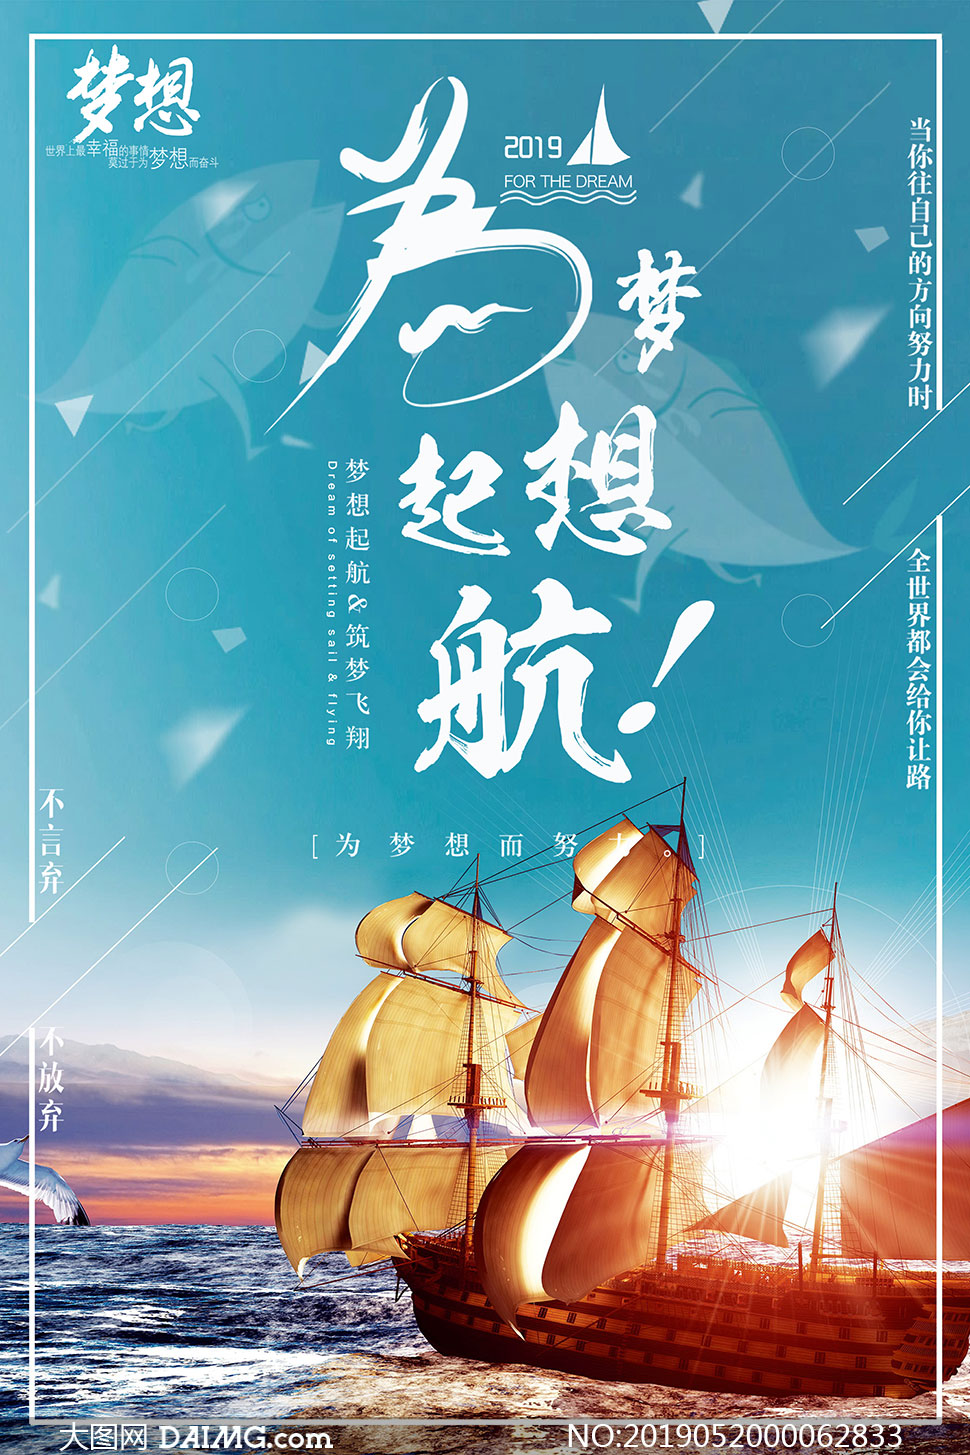 为梦想起航企业文化宣传海报PSD素材